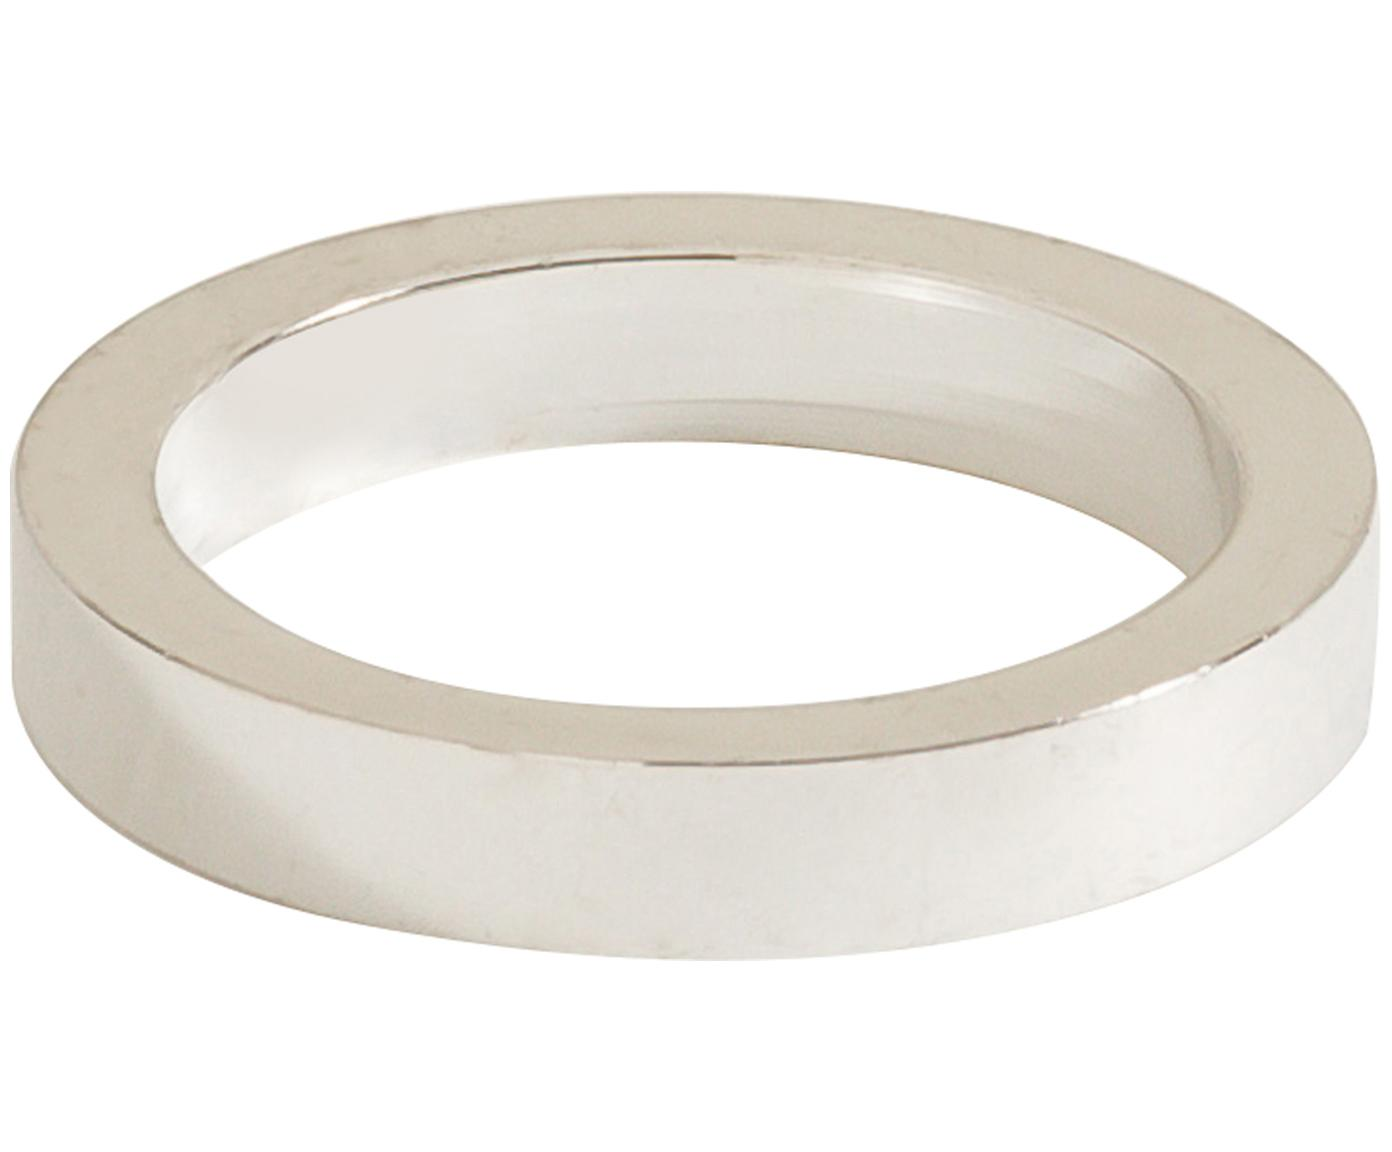 Obrączka na serwetkę Vasa, 4szt., Metal, Odcienie srebrnego, Ø 5 cm